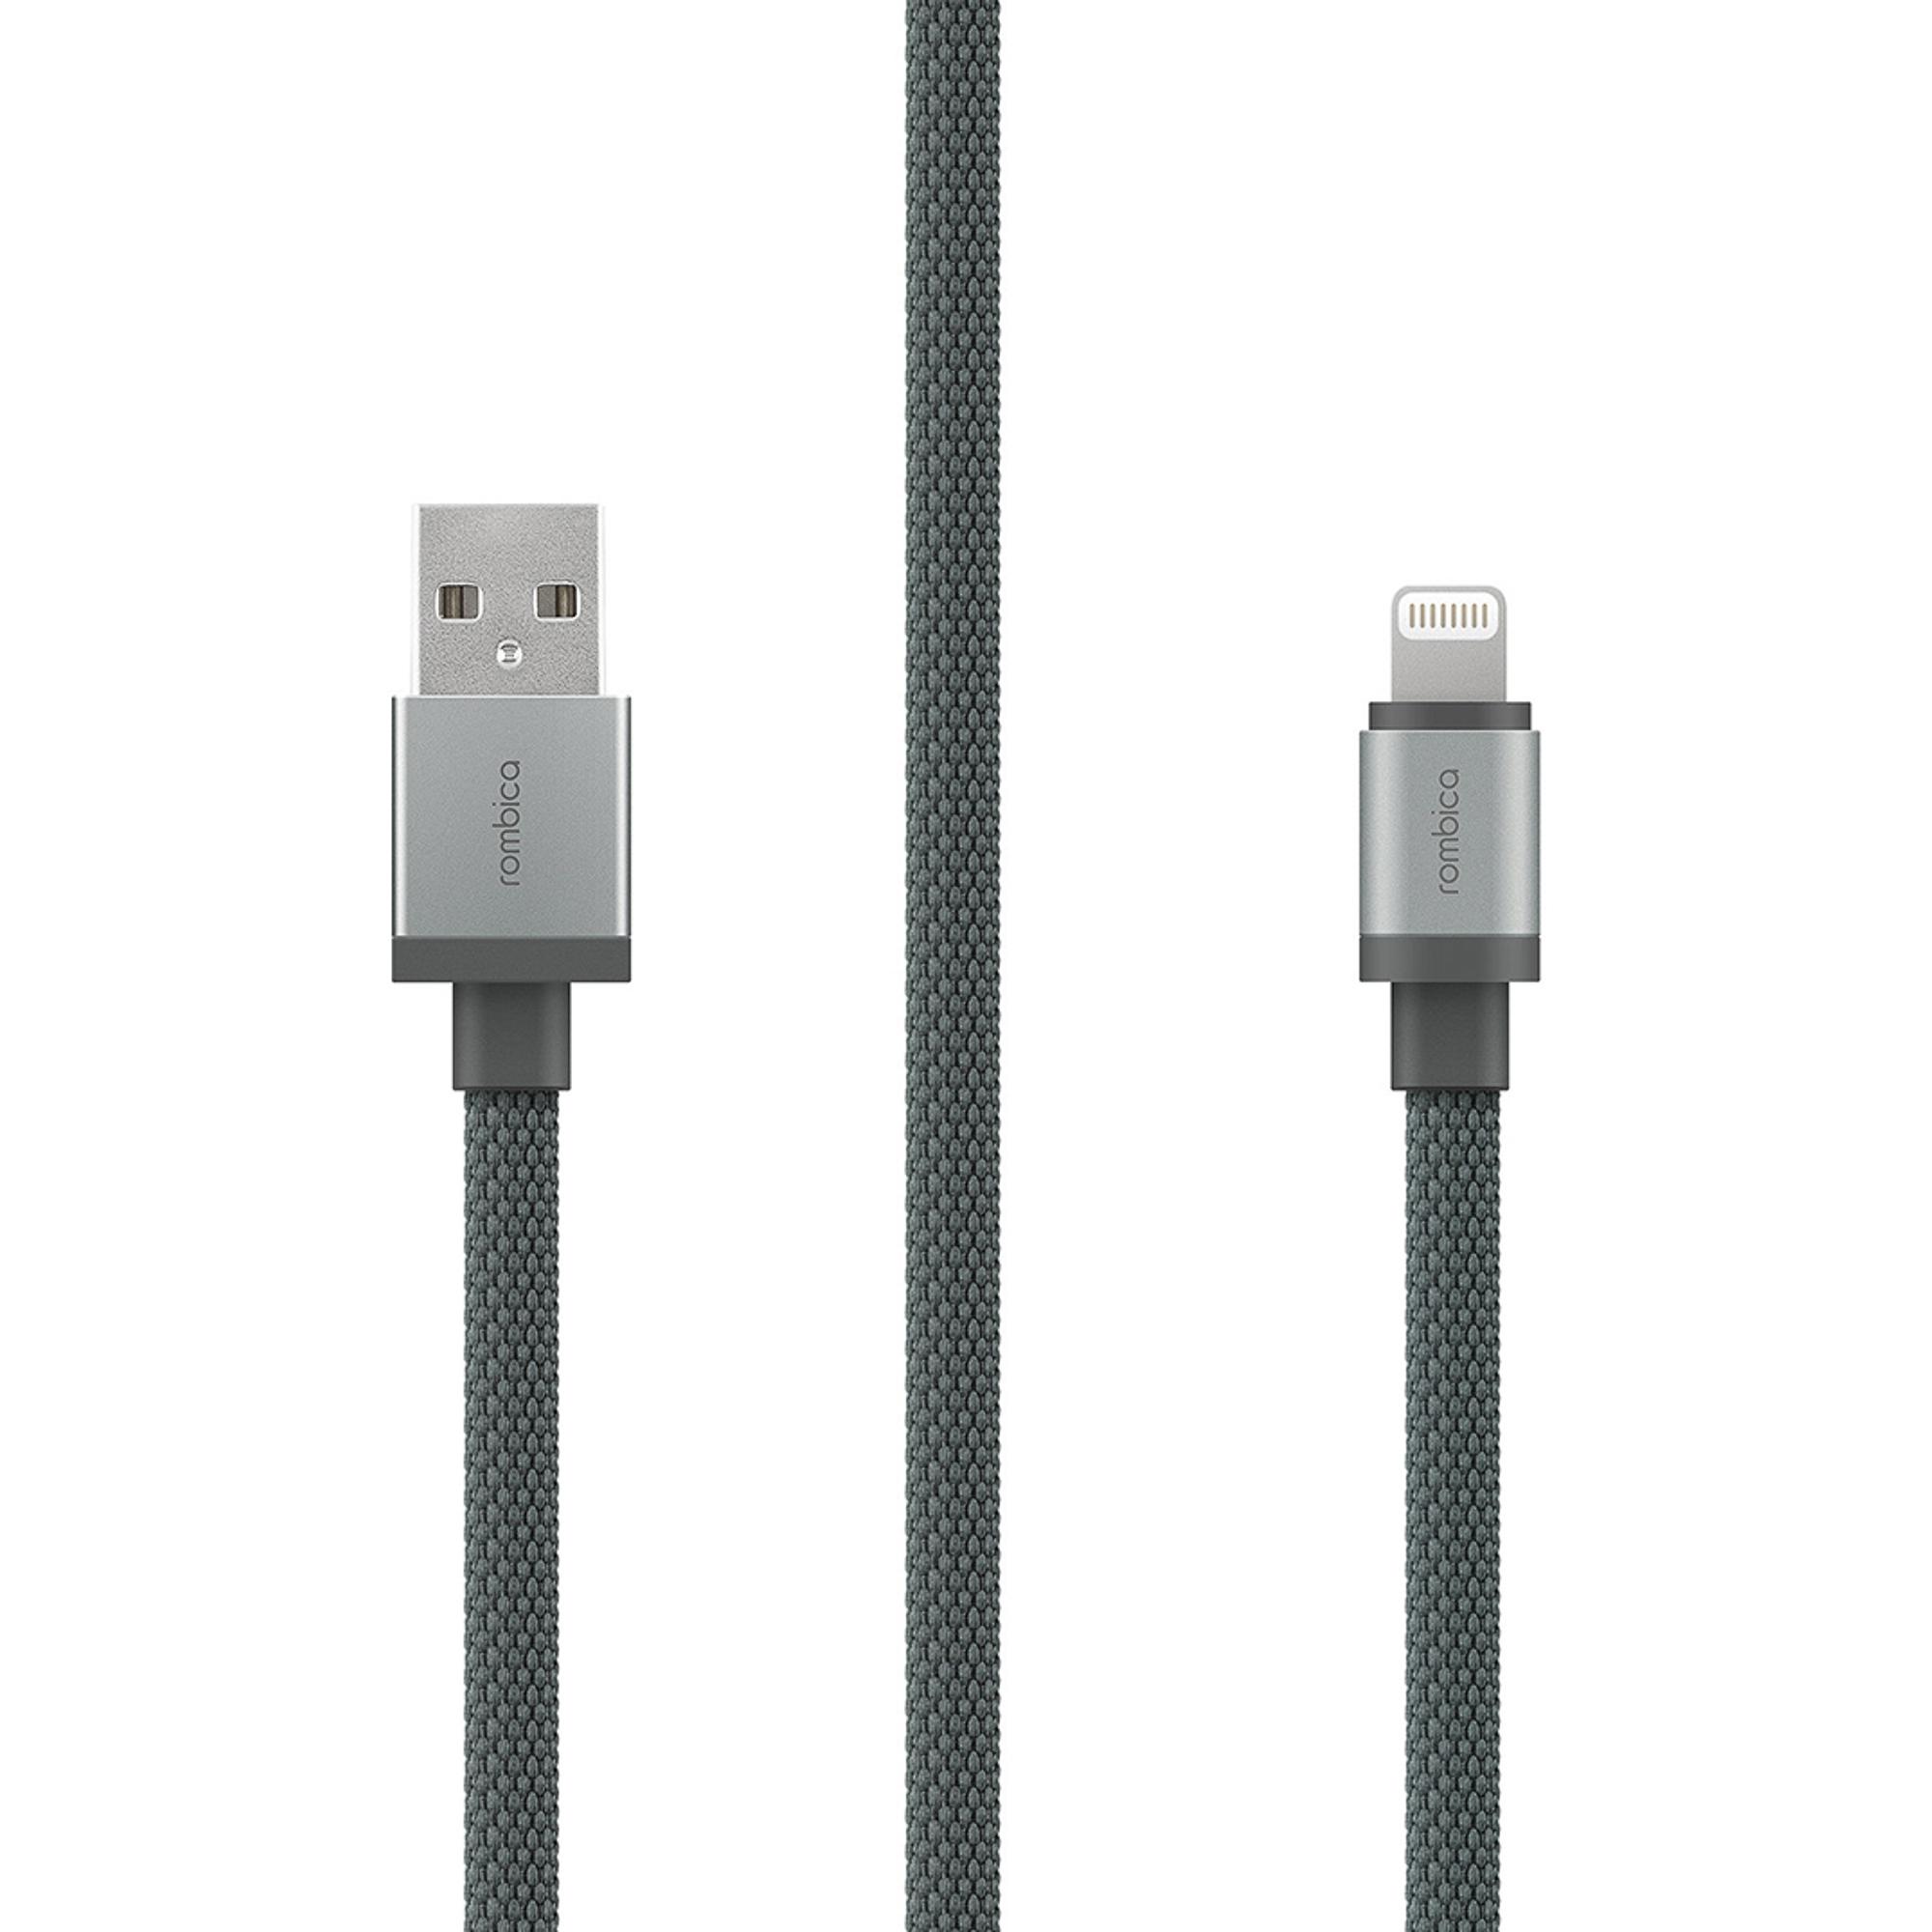 Фото - Кабель Rombica LINK USB-Lightning MFI 1,5 м CB-LK01 Gray разумовская м м львова с и капинос в и и др русский язык 5 класс учебник